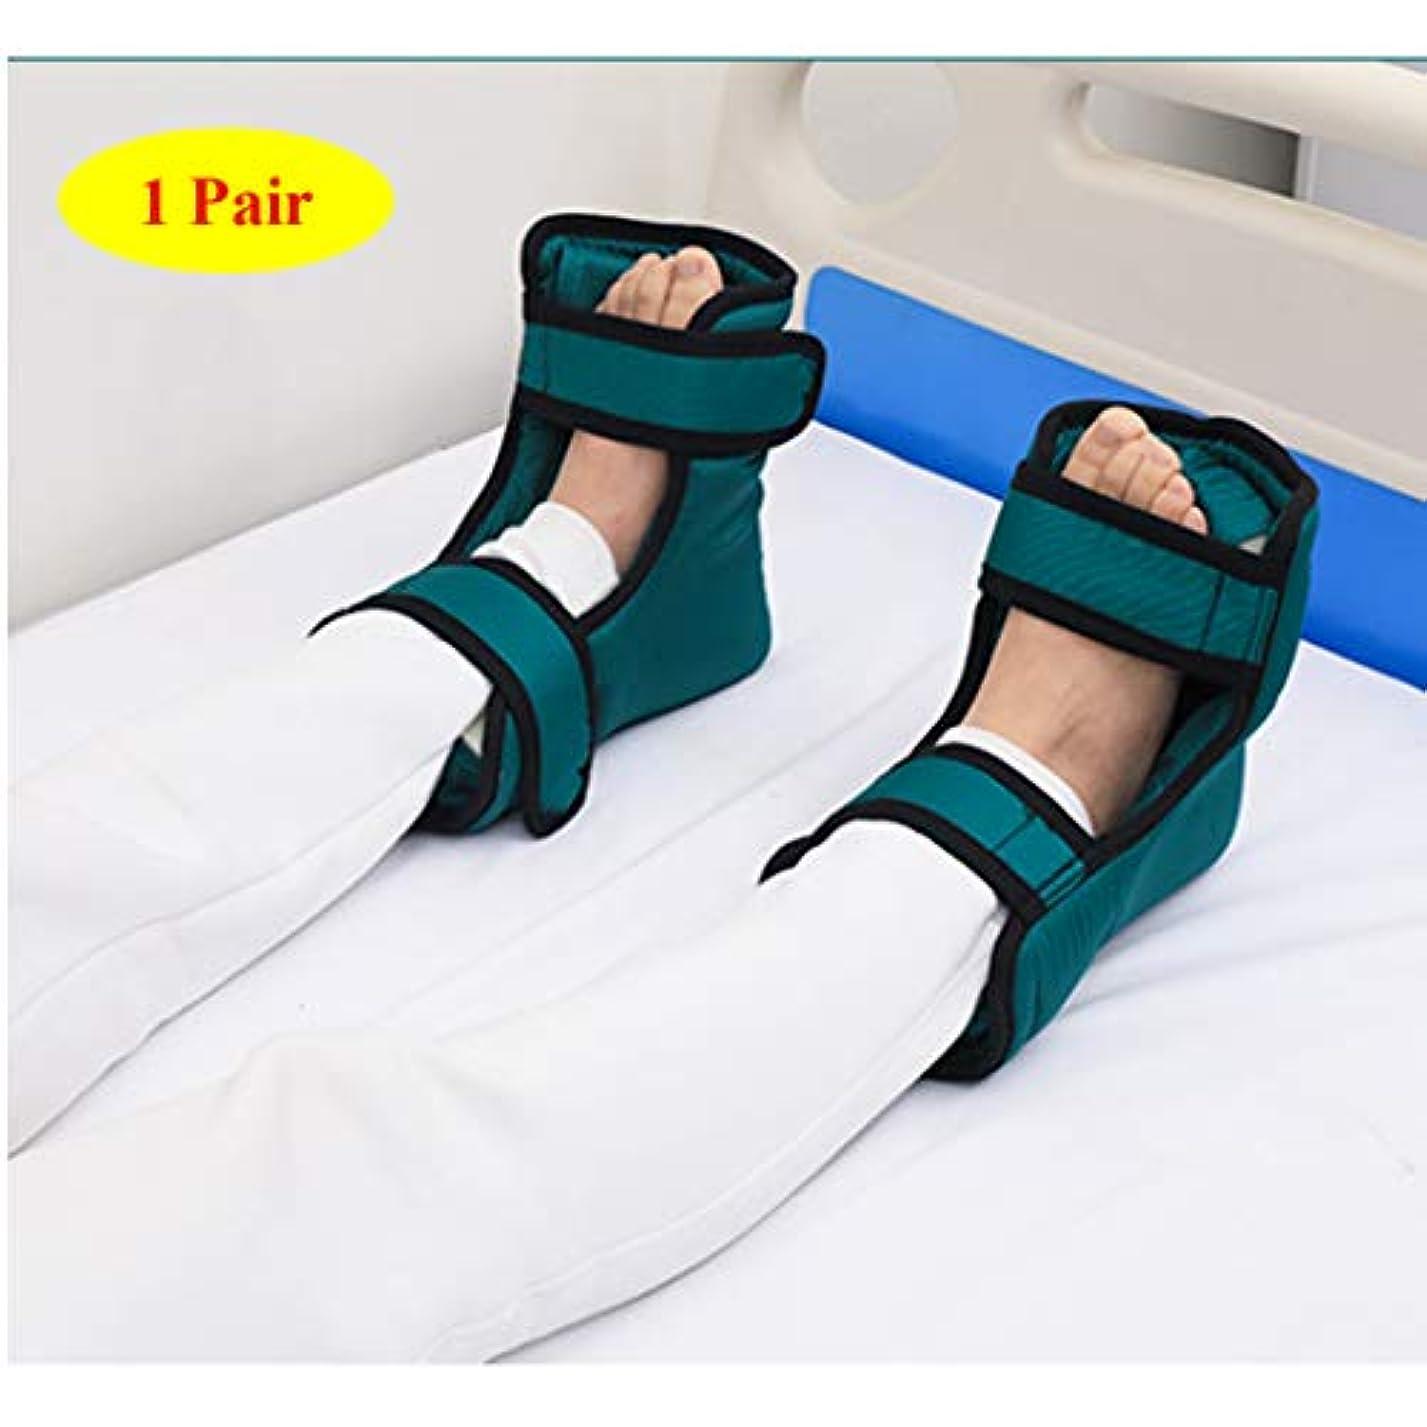 どのくらいの頻度で幻滅皮肉なヒールクッションプロテクター1ペア - ヒールブーツ保護 - 足と足首の枕パッドガード - 足を保護する、肘、かかと - ベッド&褥瘡